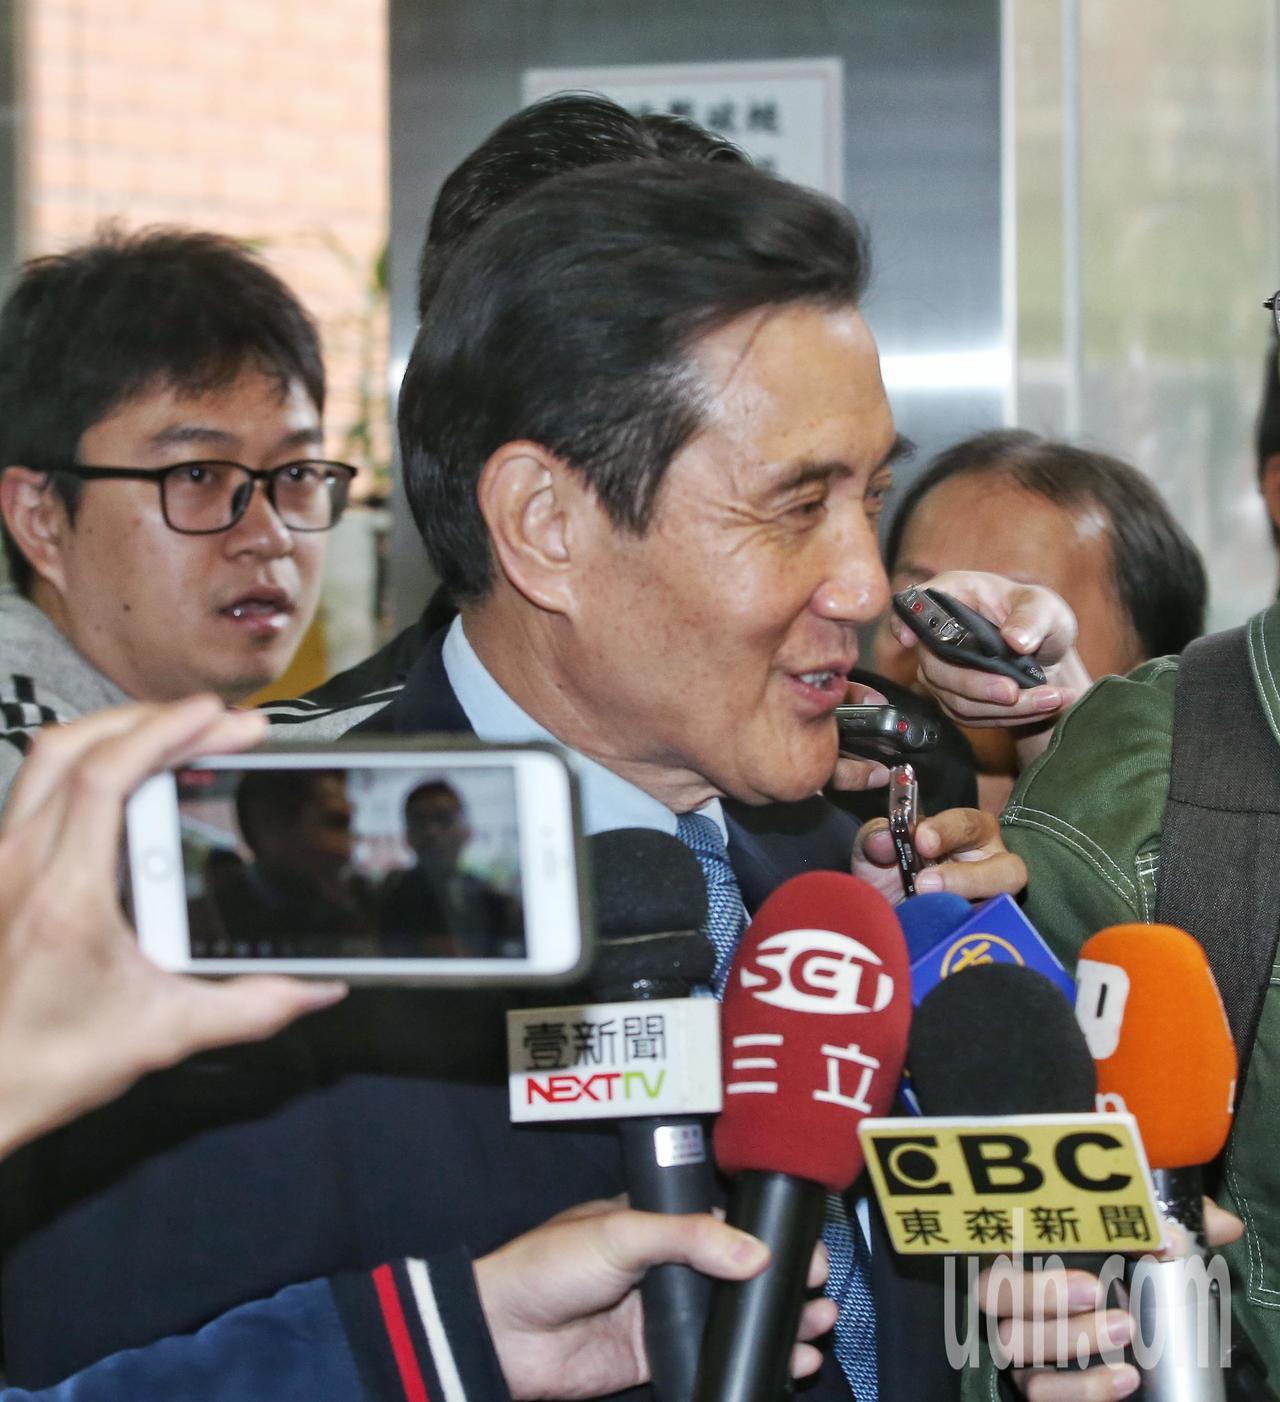 前總統馬英九上午出席演講活動,會前受訪接受媒體採訪。記者鄭清元/攝影